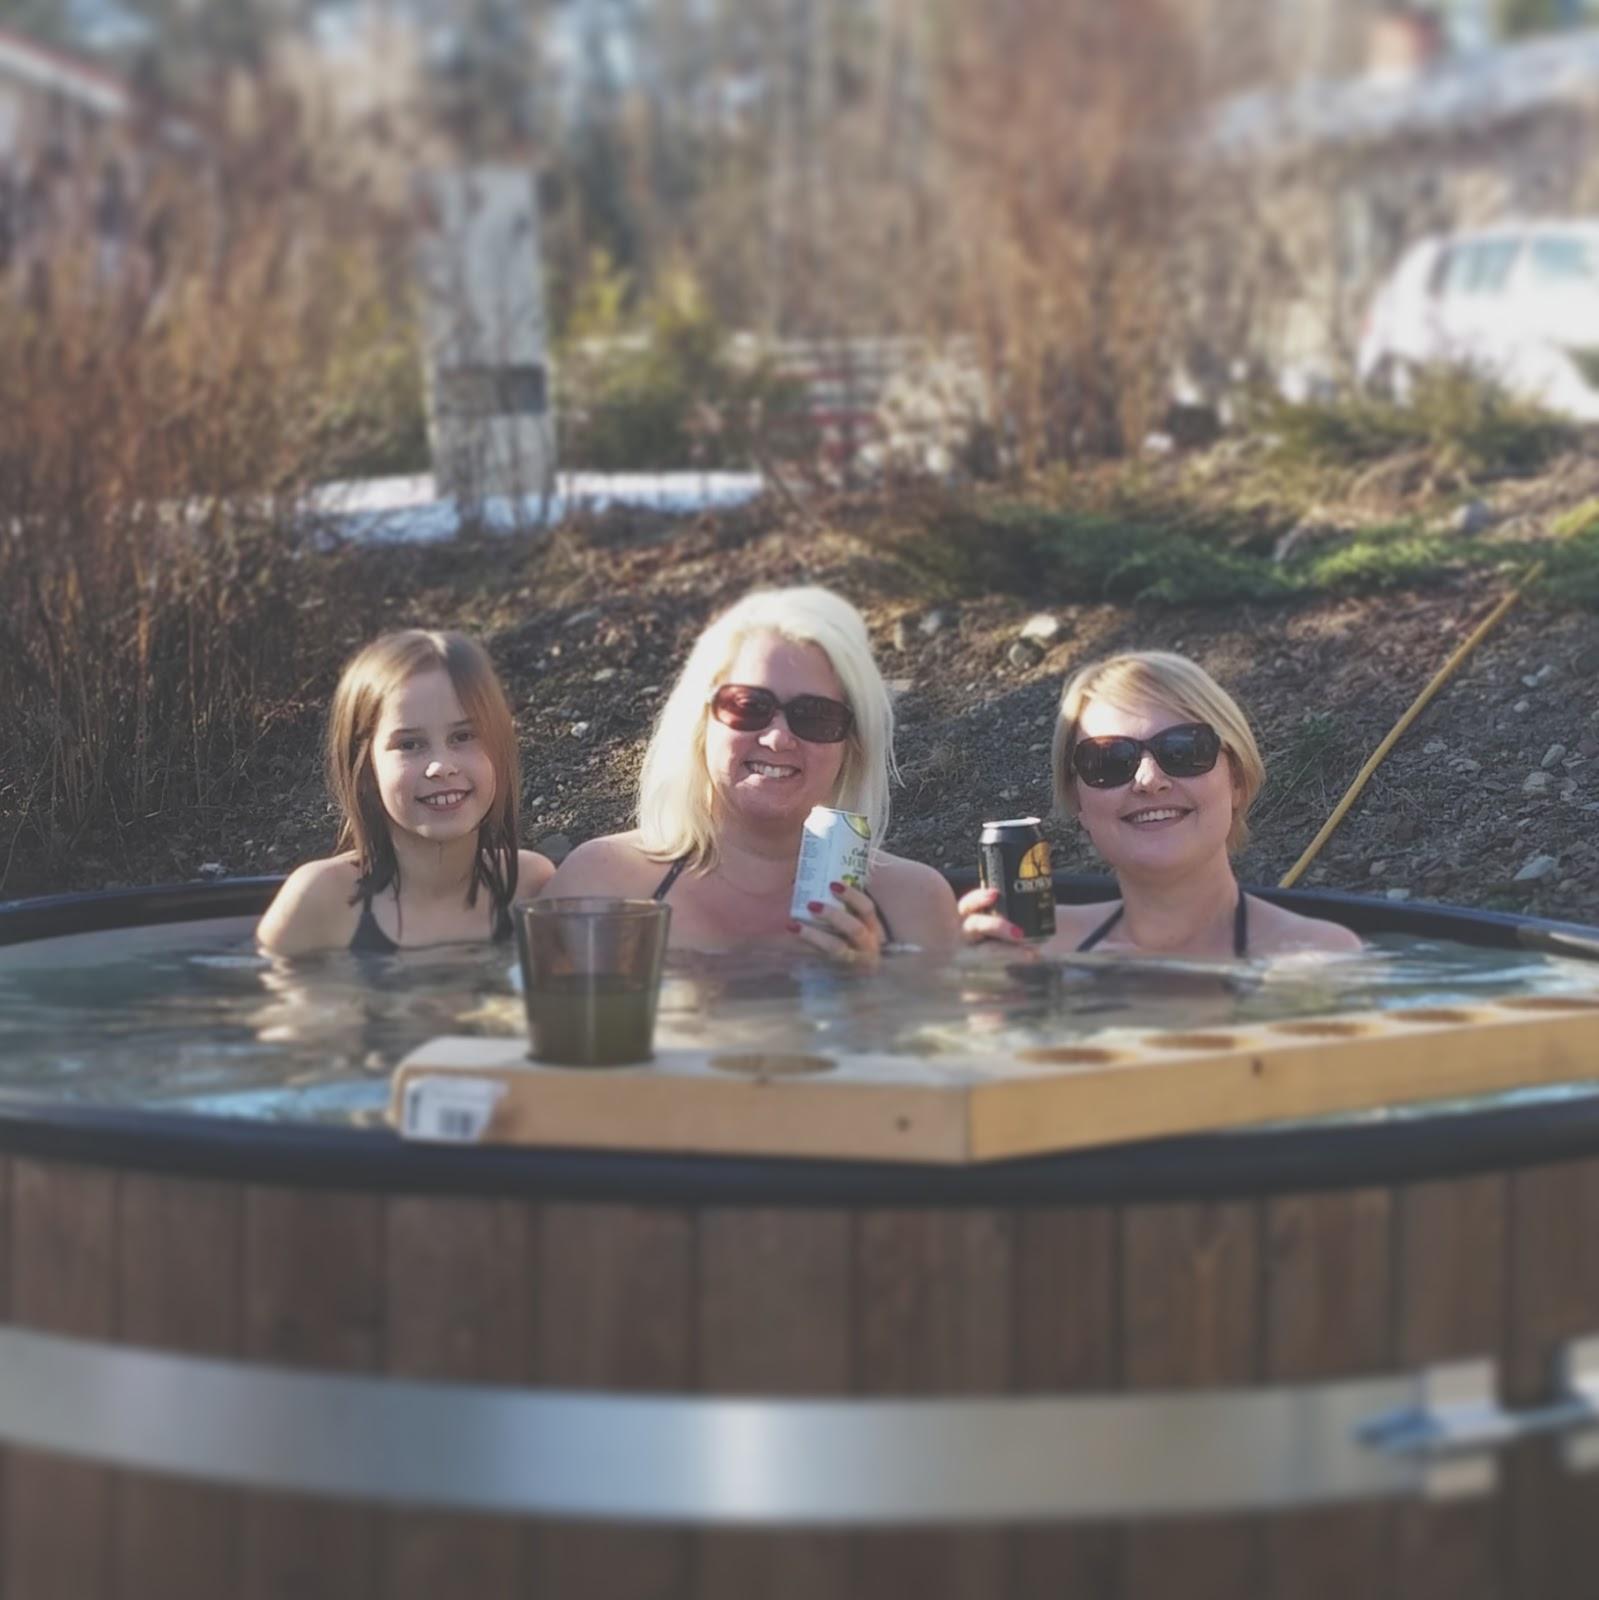 Filosofointia kylpemisestä ja saunomisesta ja nakuna vai ei?